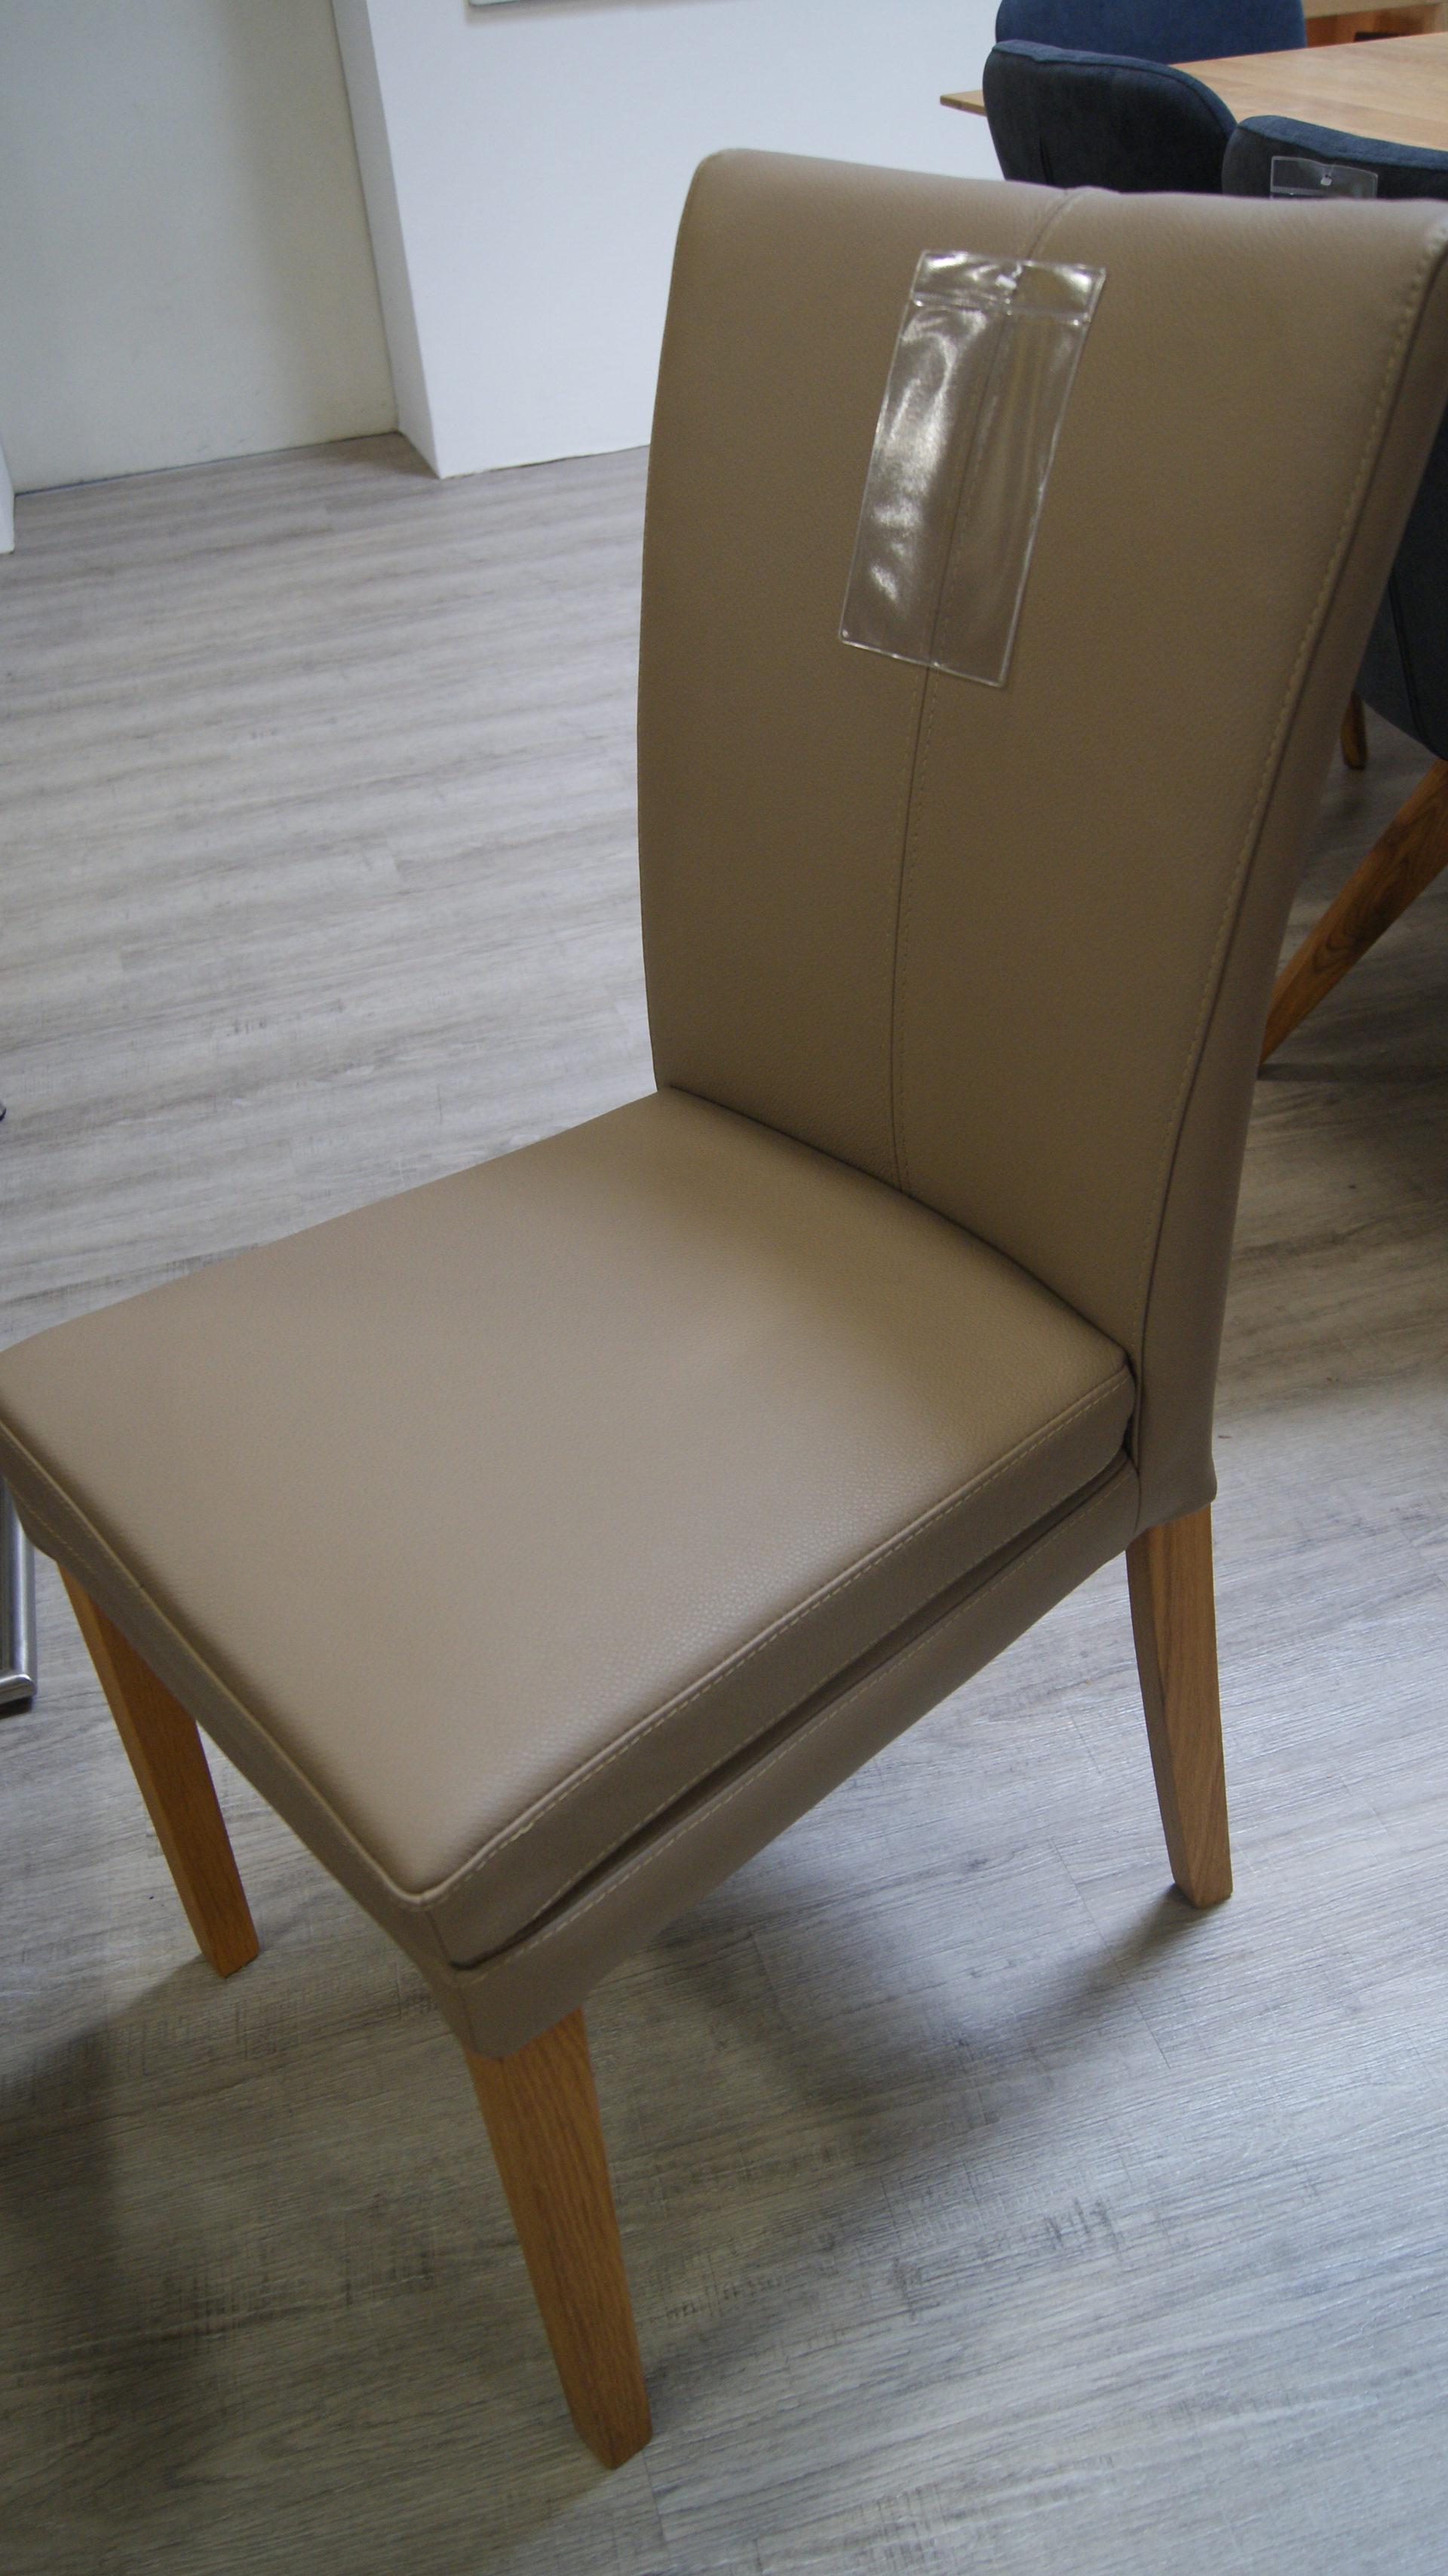 Möbel Busch Räume Esszimmer Möbel Busch Stuhl Bezug Leder